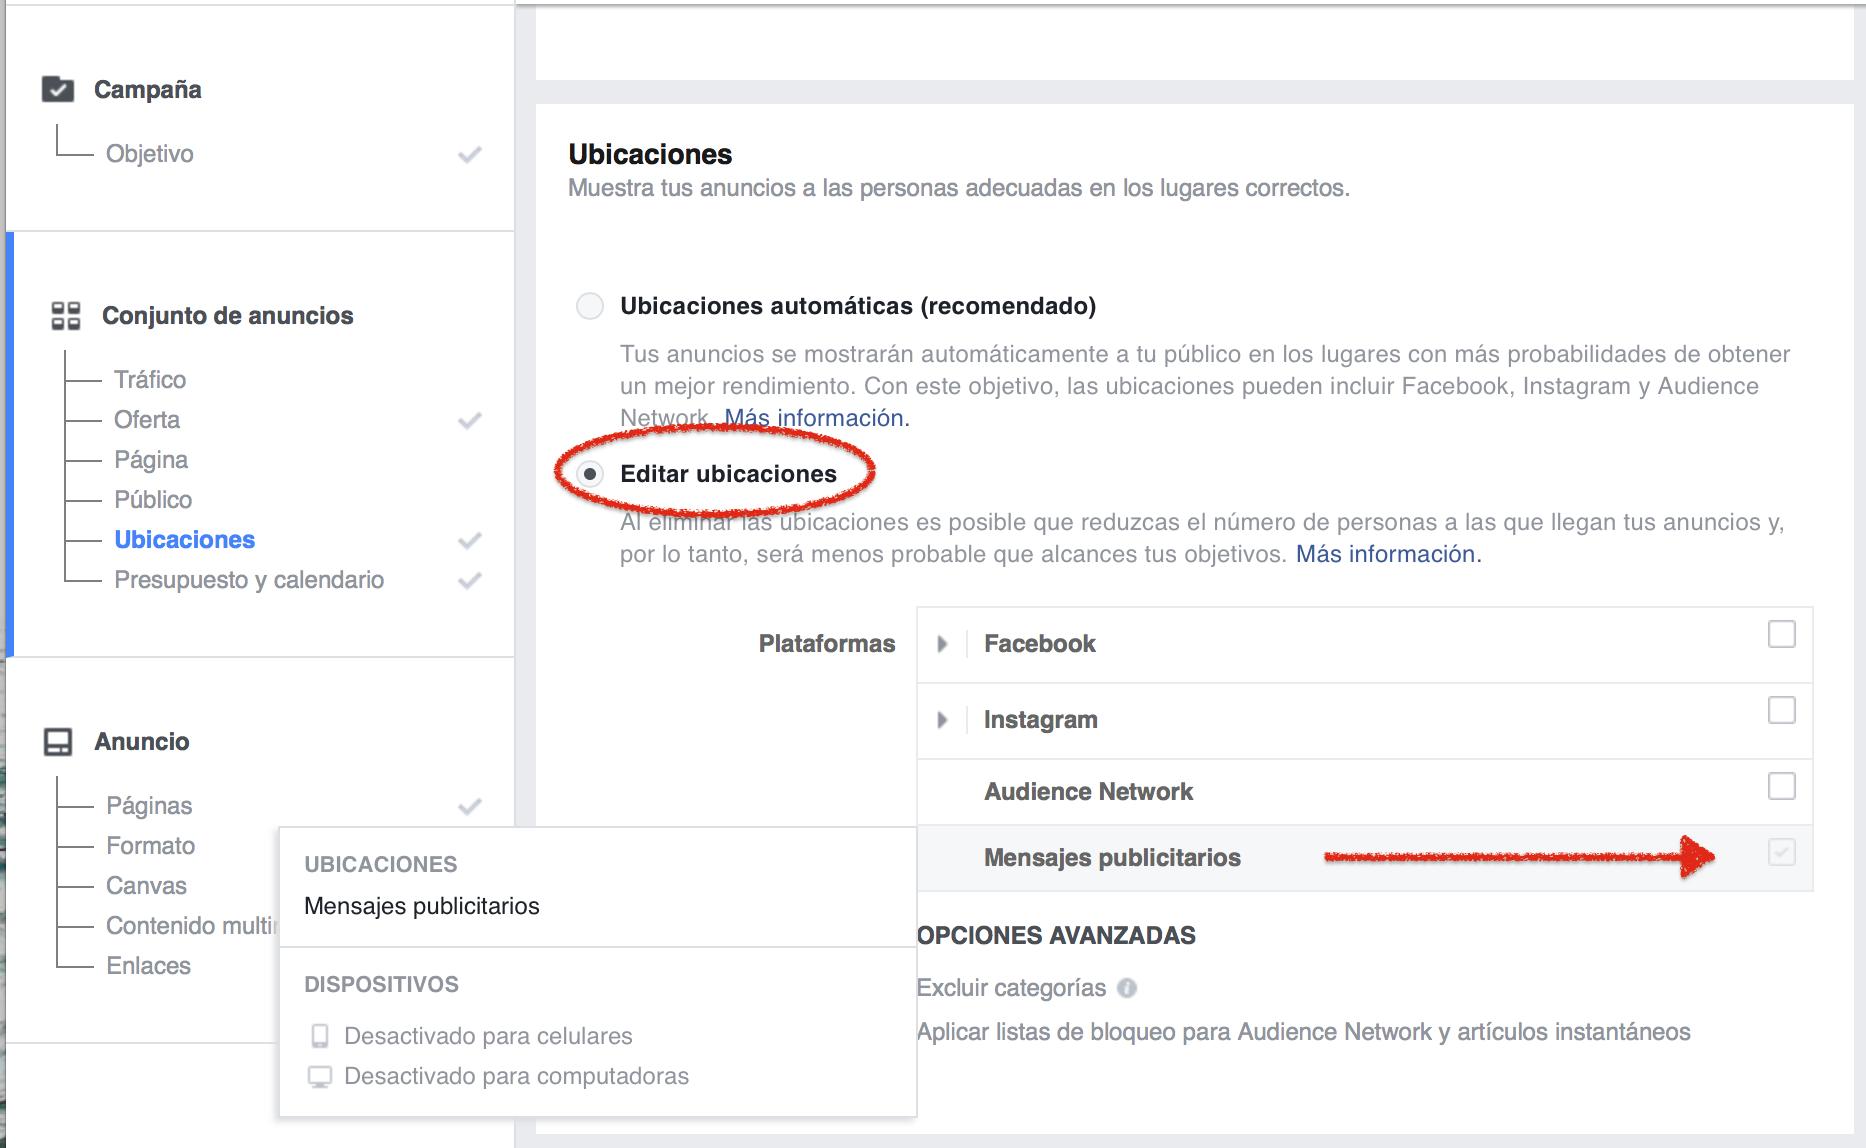 Anuncios-en-Facebook-Mensajes-publicitarios